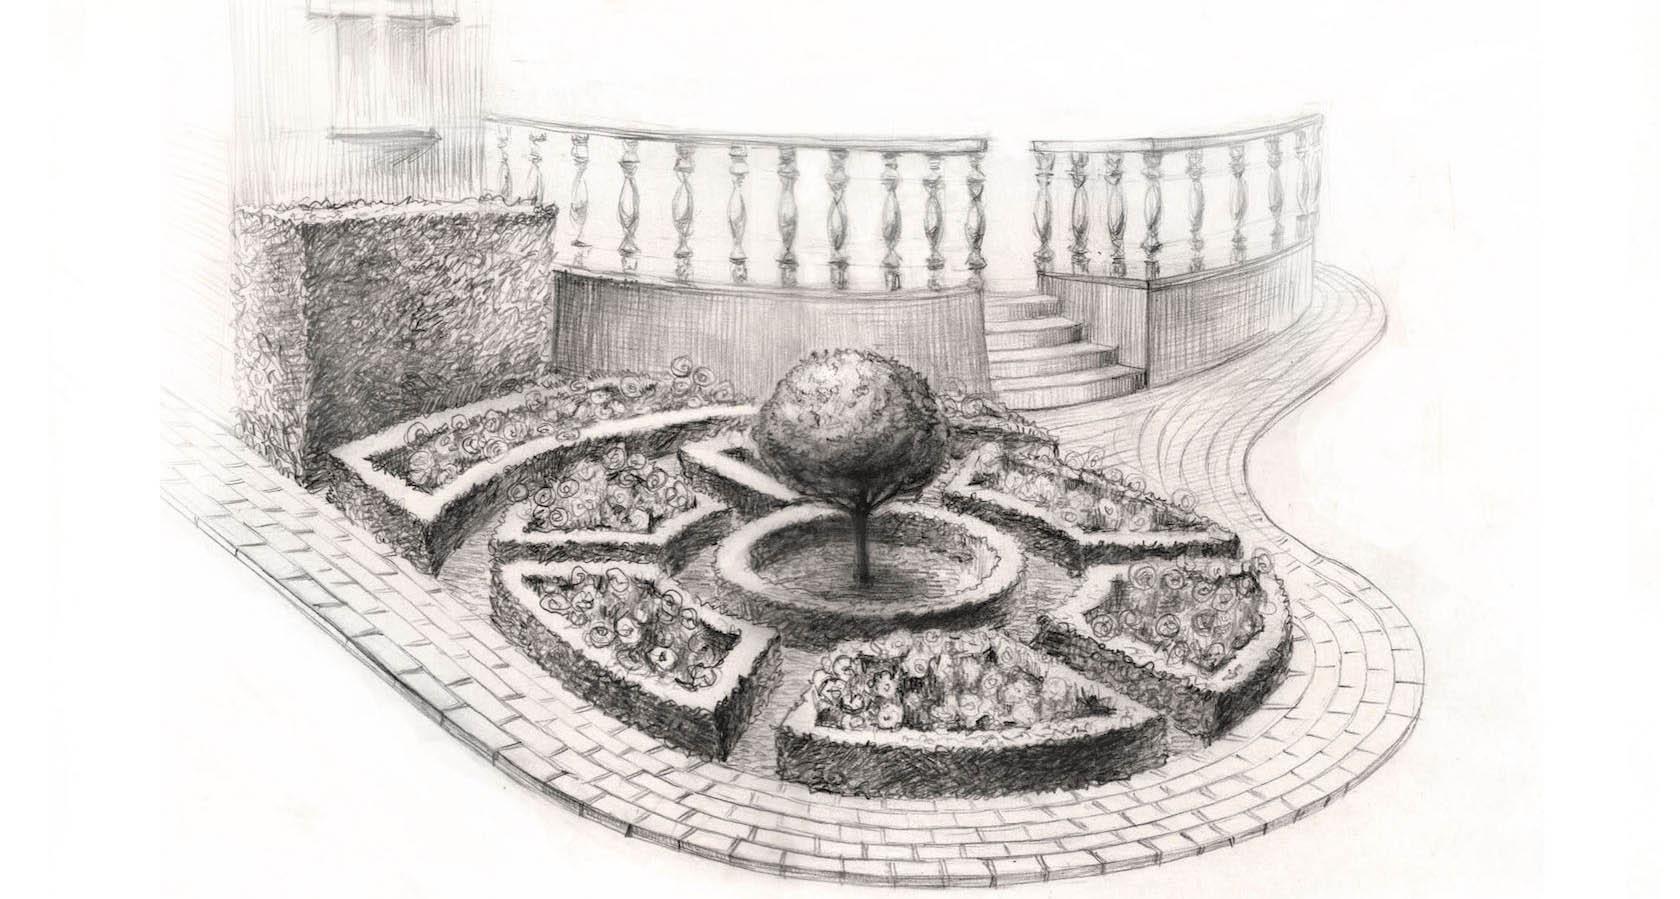 Клумба из покрышек своими руками: фото клумбы из колесных шин и пошаговые руководства по ее созданию